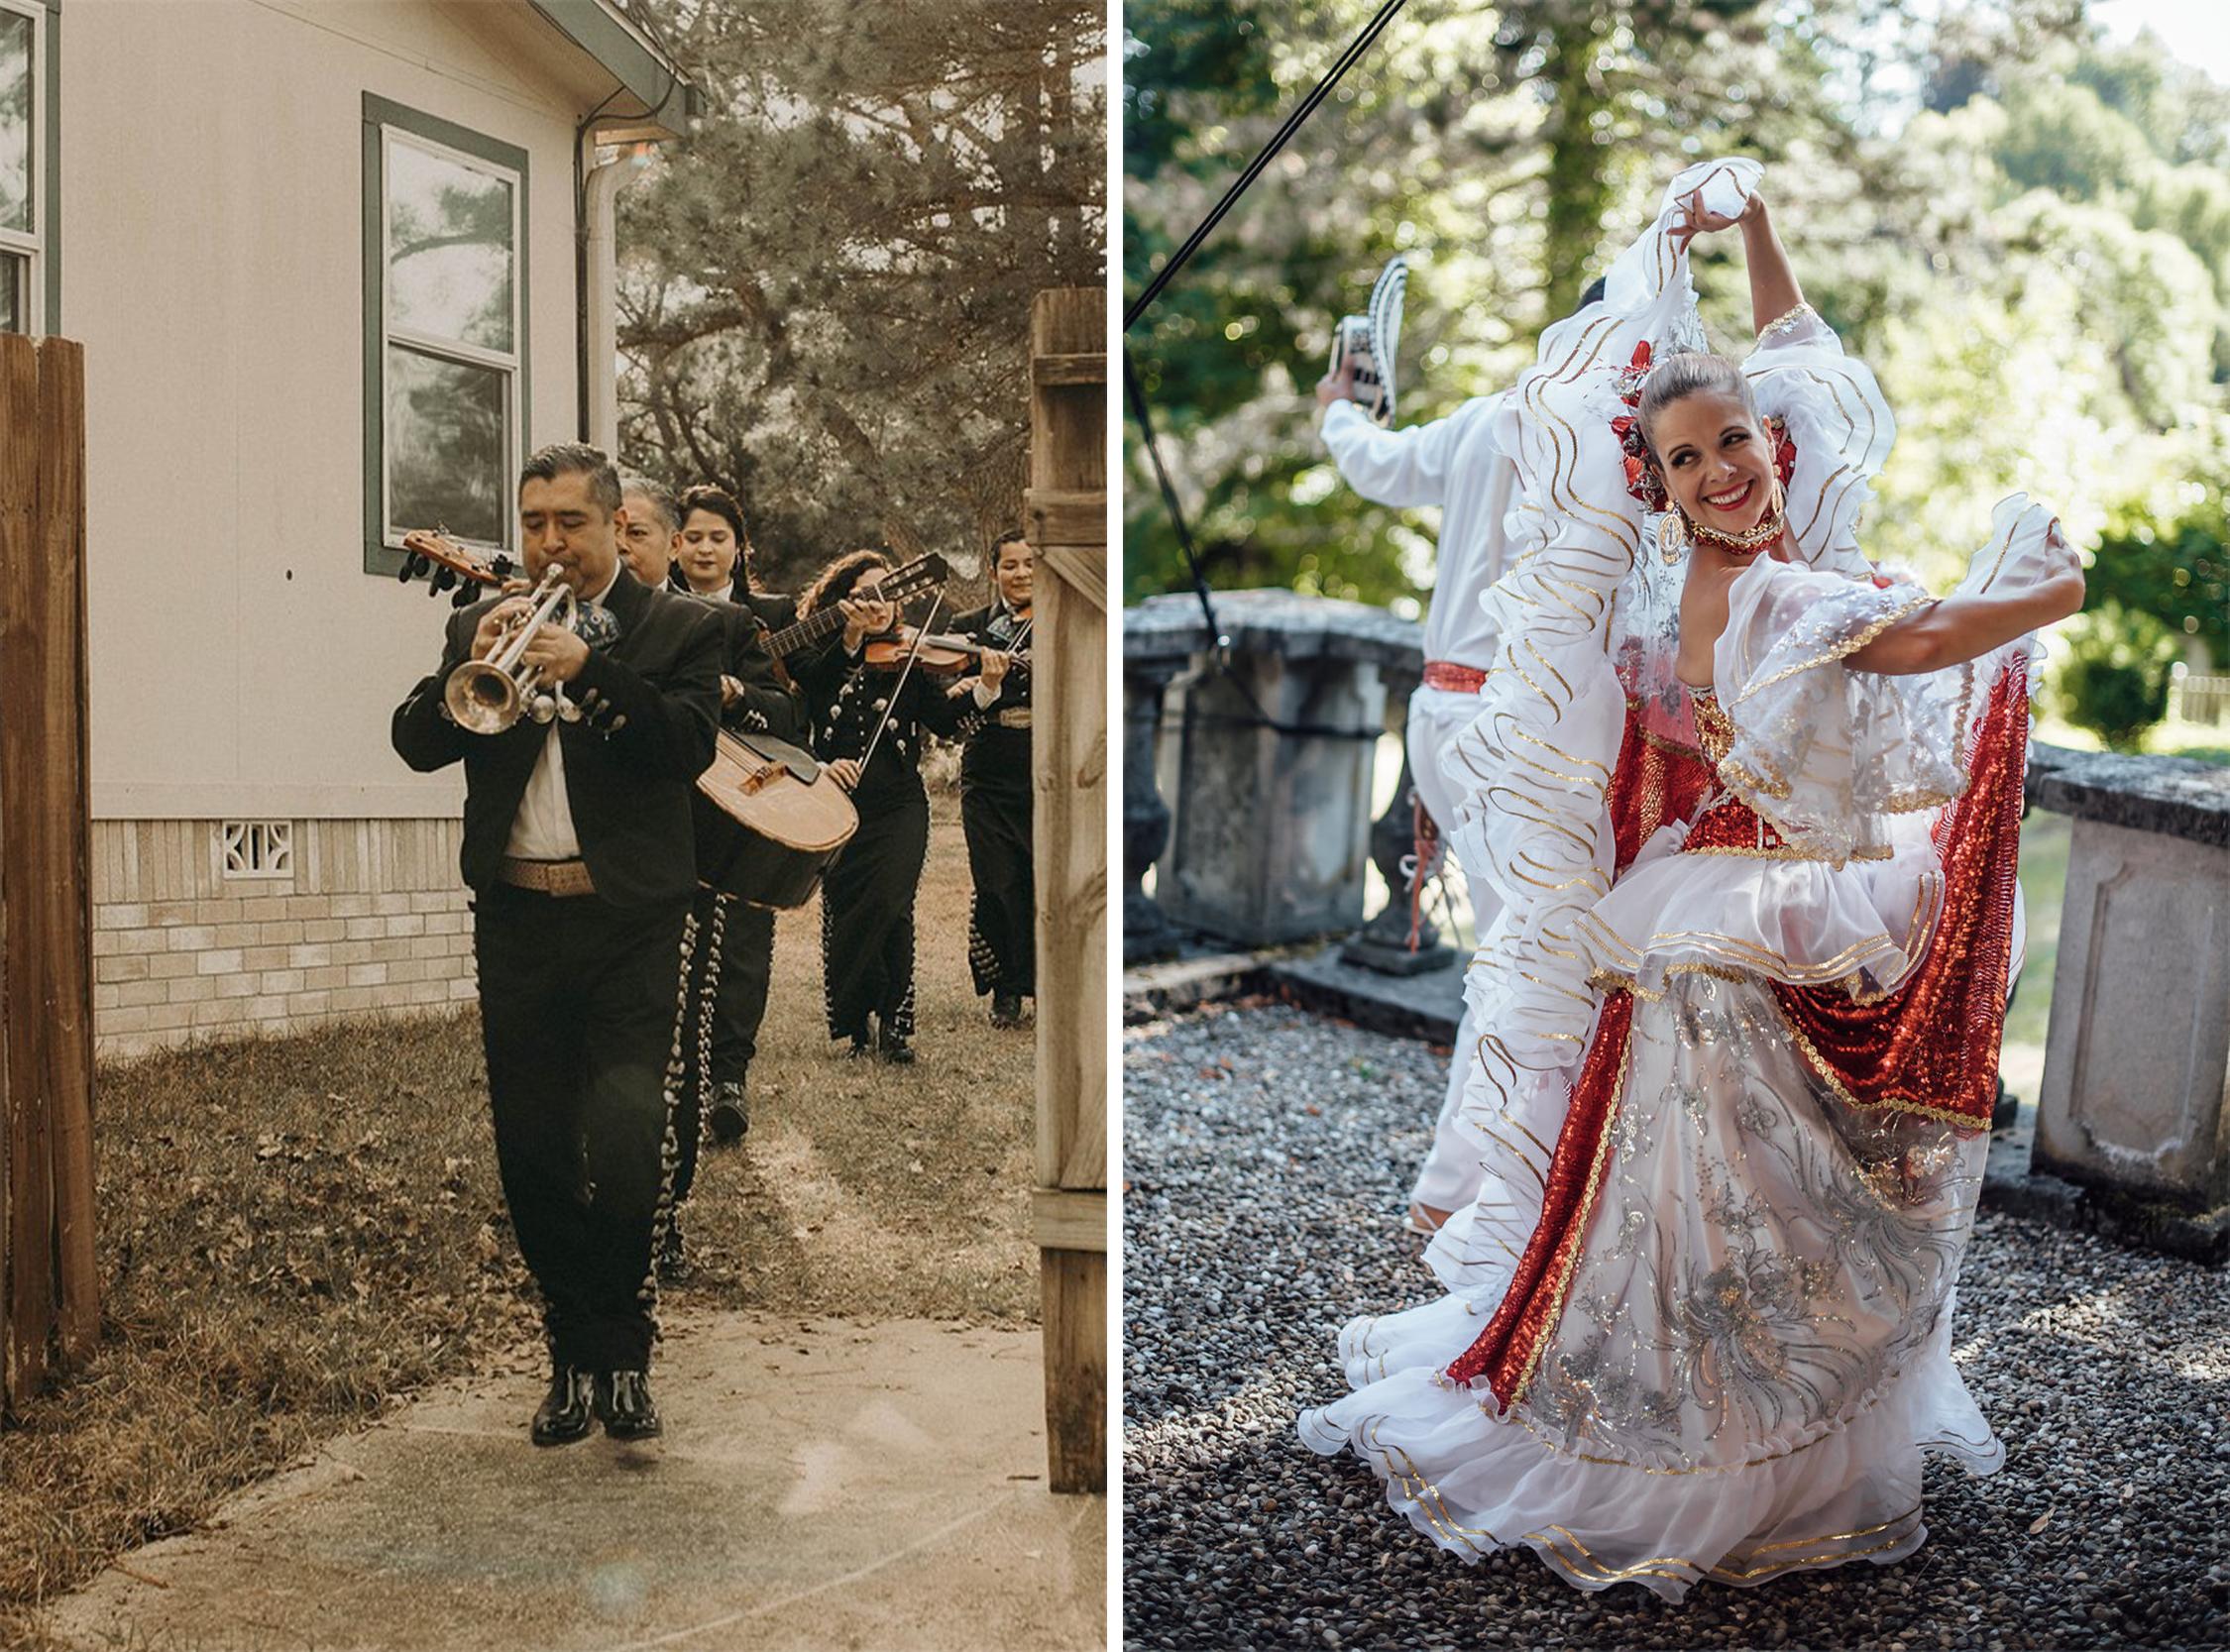 Latin Wedding Entertainment